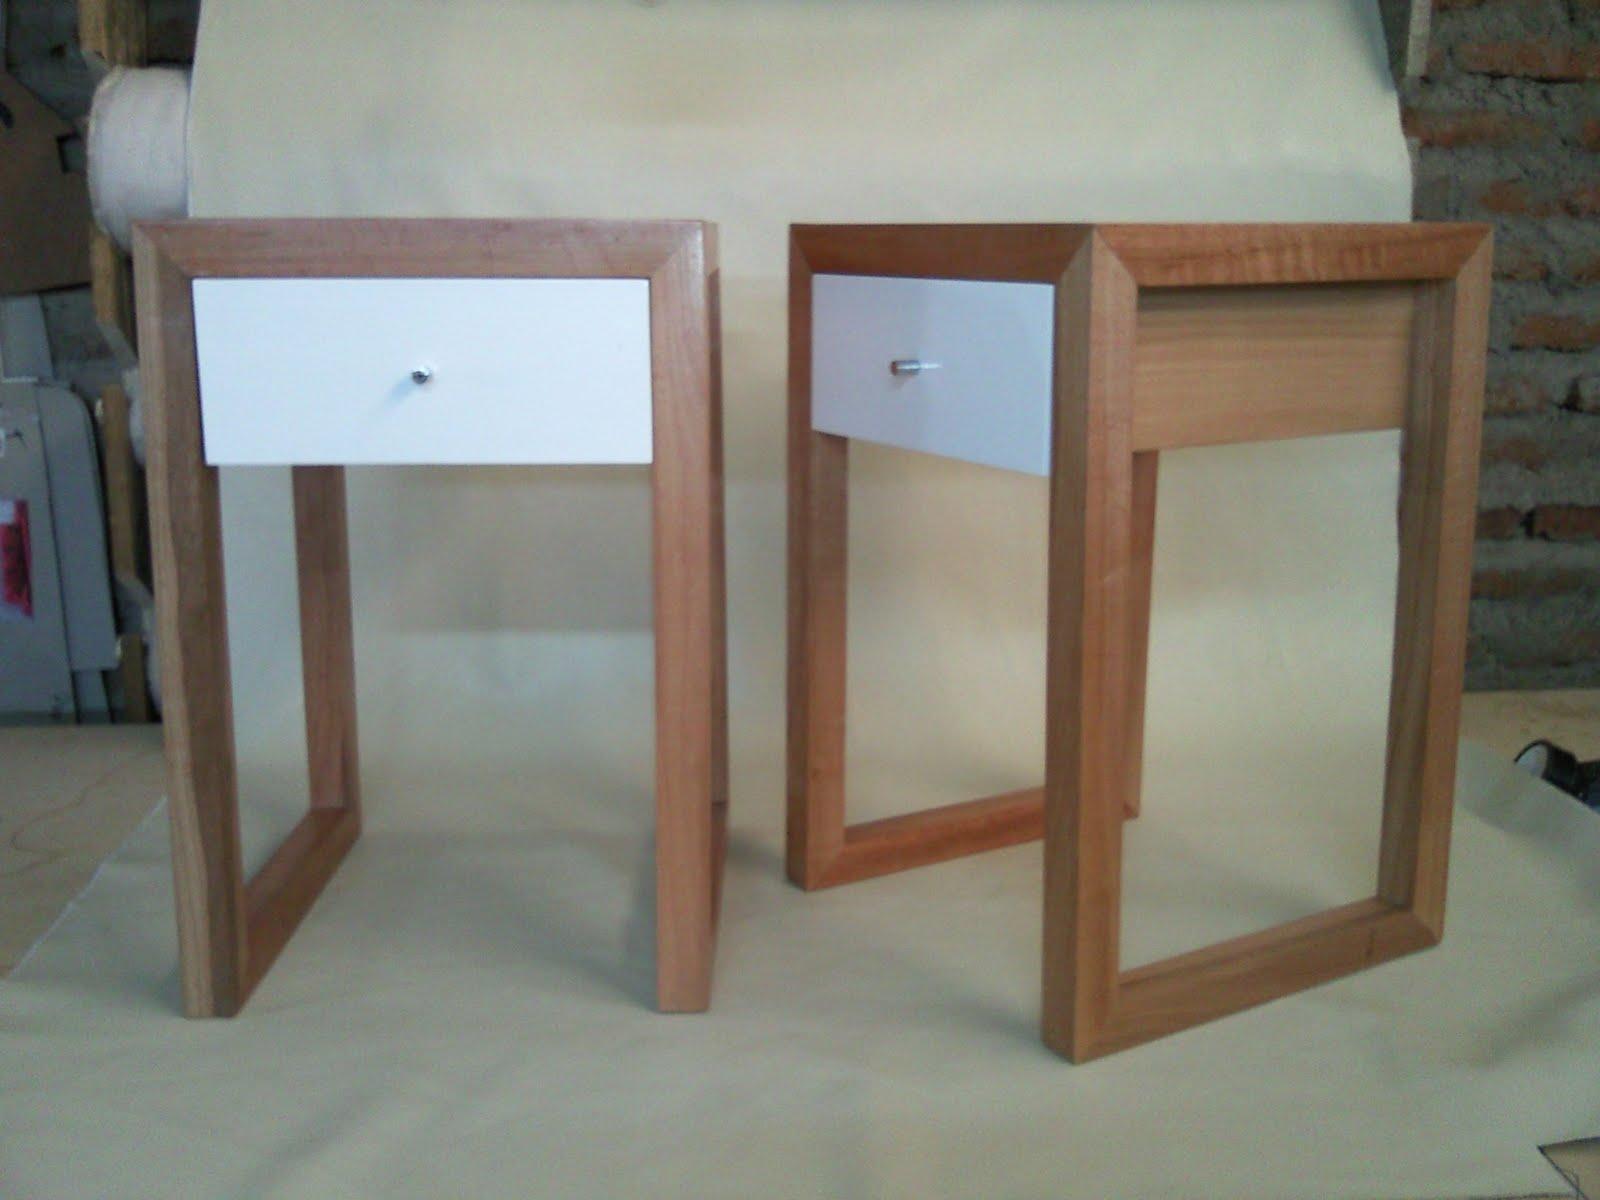 Veladores muebles sanchez for Muebles sanchez granada